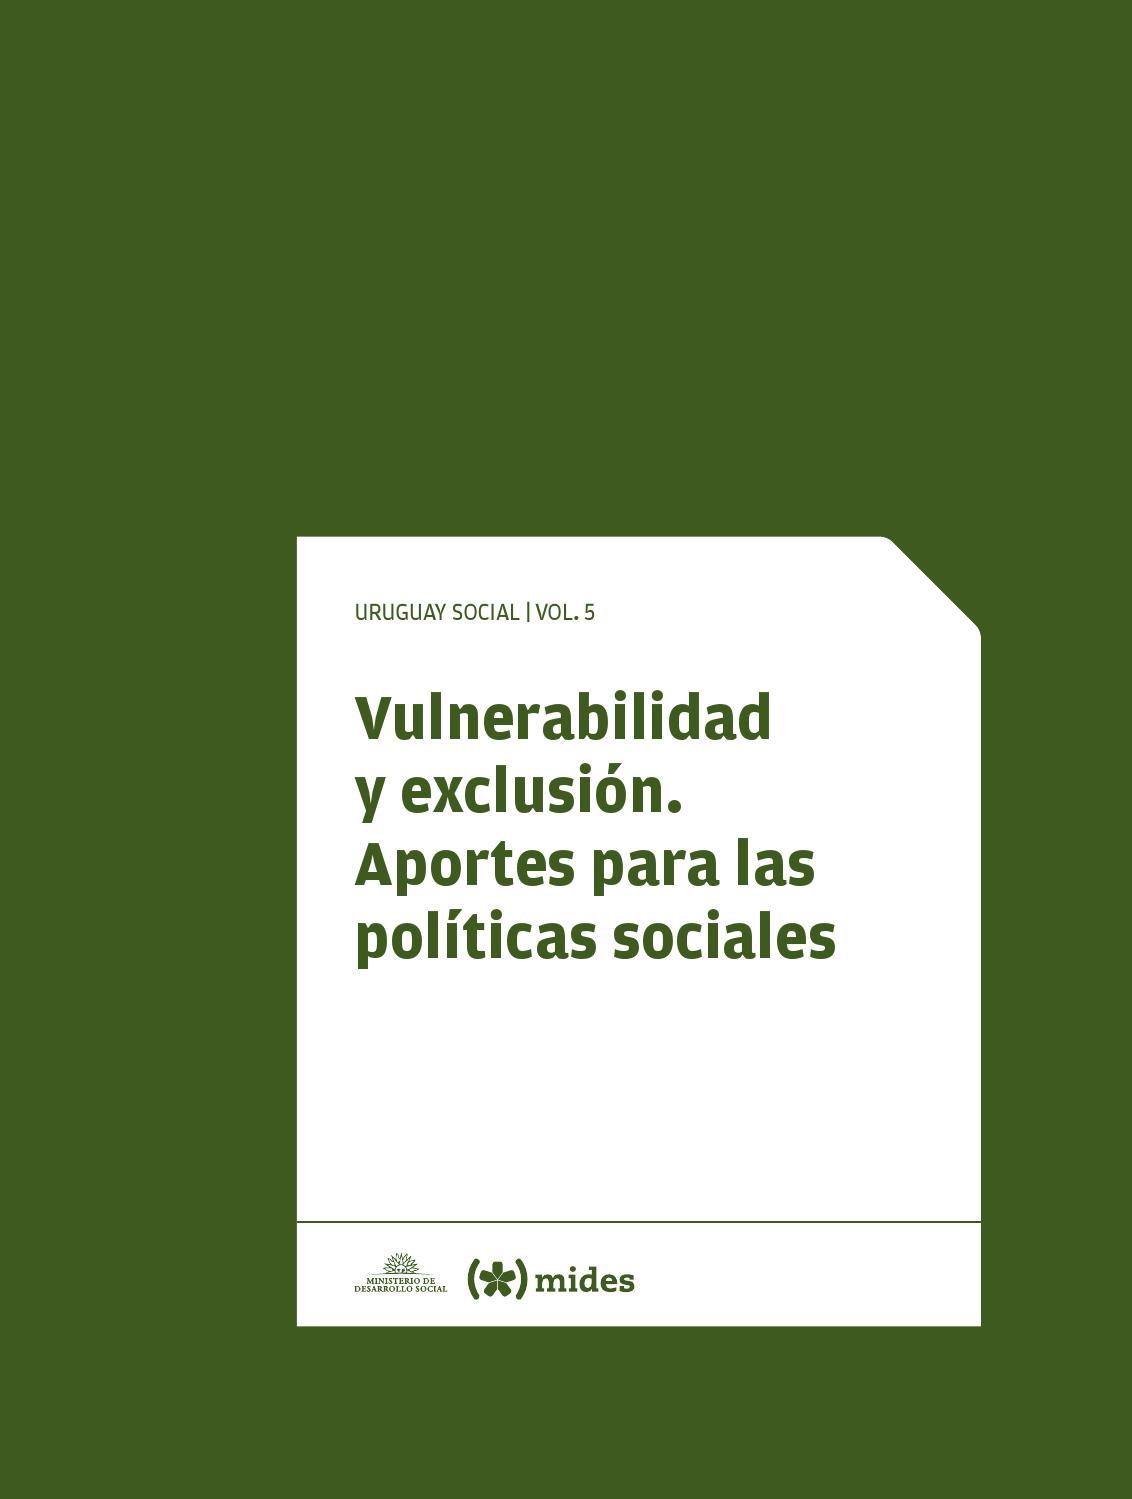 623736963ba68 Vulnerabilidad y exclusión by Dirección Nacional de Políticas Sociales -  issuu